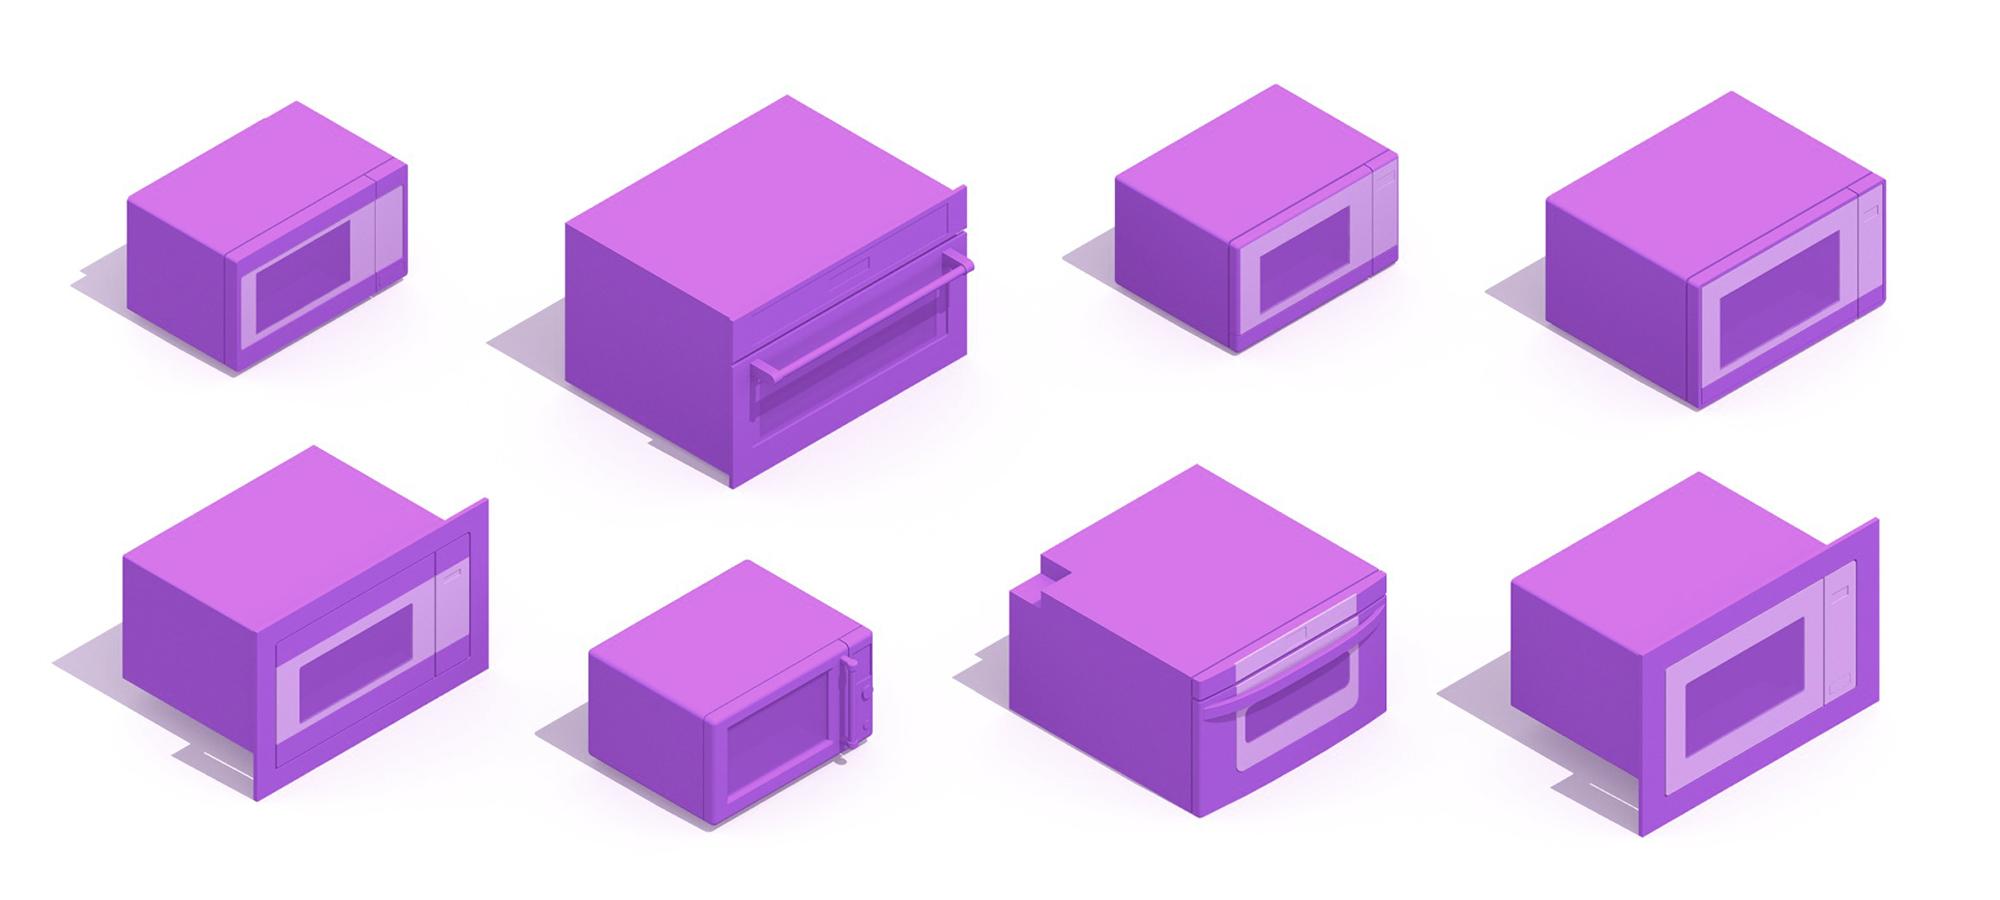 microwaves dimensions drawings